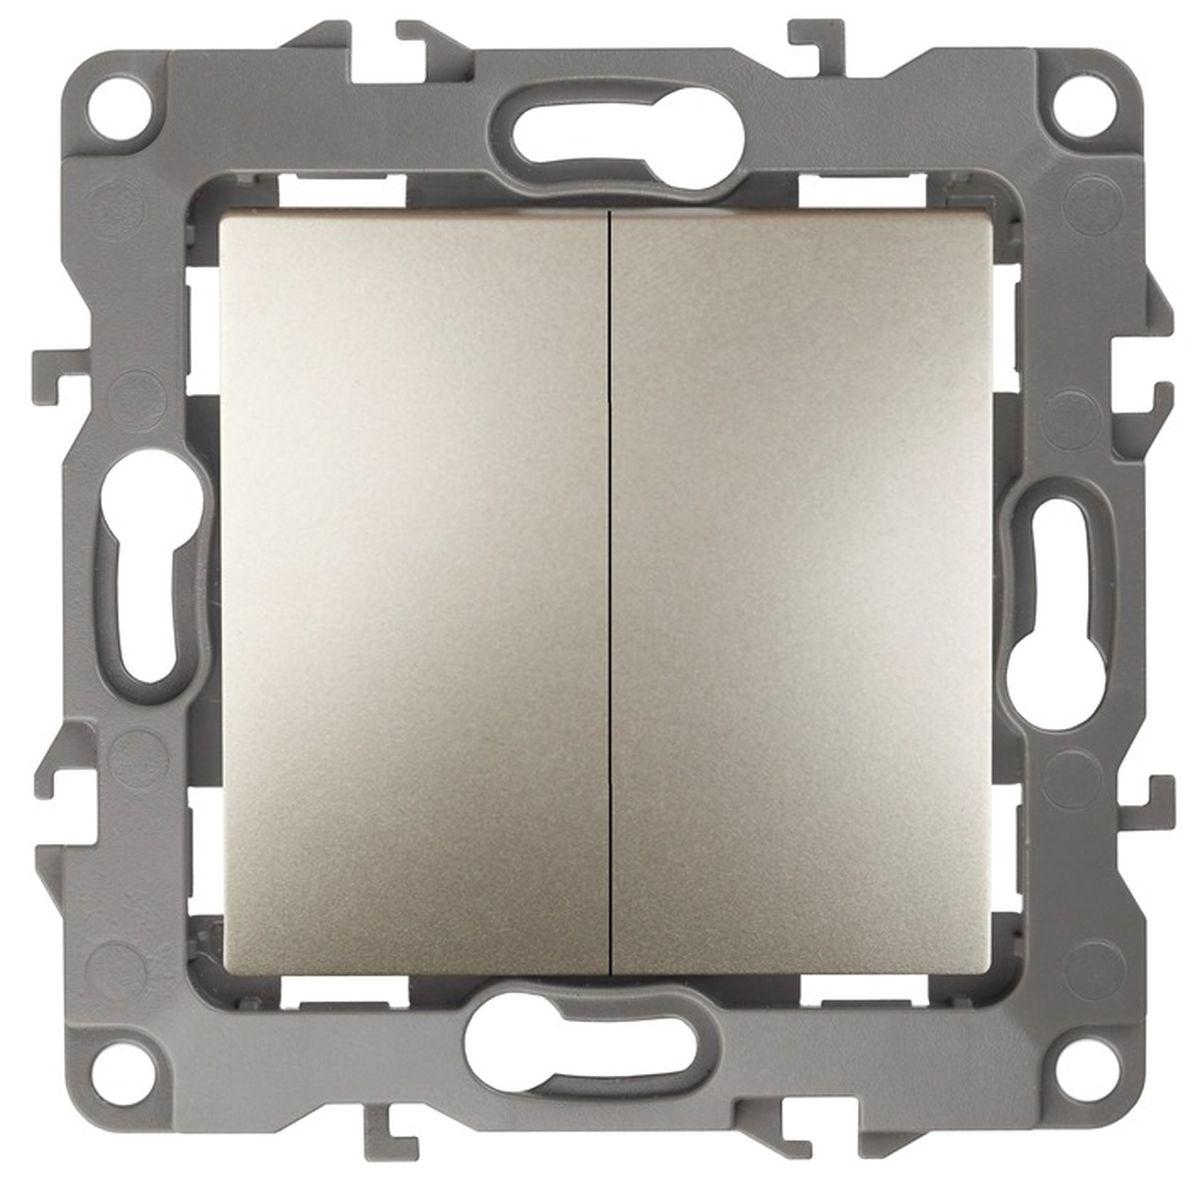 Выключатель ЭРА, двойной, цвет: шампань, серый. 12-100412-1004-04Двойной выключатель ЭРА выполнен из прочного пластика, контакты бронзовые. Изделие просто в установке, надежно в эксплуатации. Выключатель имеет специальные фиксаторы, которые не дают ему смещаться как при монтаже, так и в процессе эксплуатации. Автоматические зажимы кабеля обеспечивают быстрый и надежный монтаж изделия к электросети без отвертки и не требуют обслуживания в отличие от винтовых зажимов. УВАЖАЕМЫЕ КЛИЕНТЫ! Обращаем ваше внимание на тот факт, что монтажные лапки в комплект не входят.